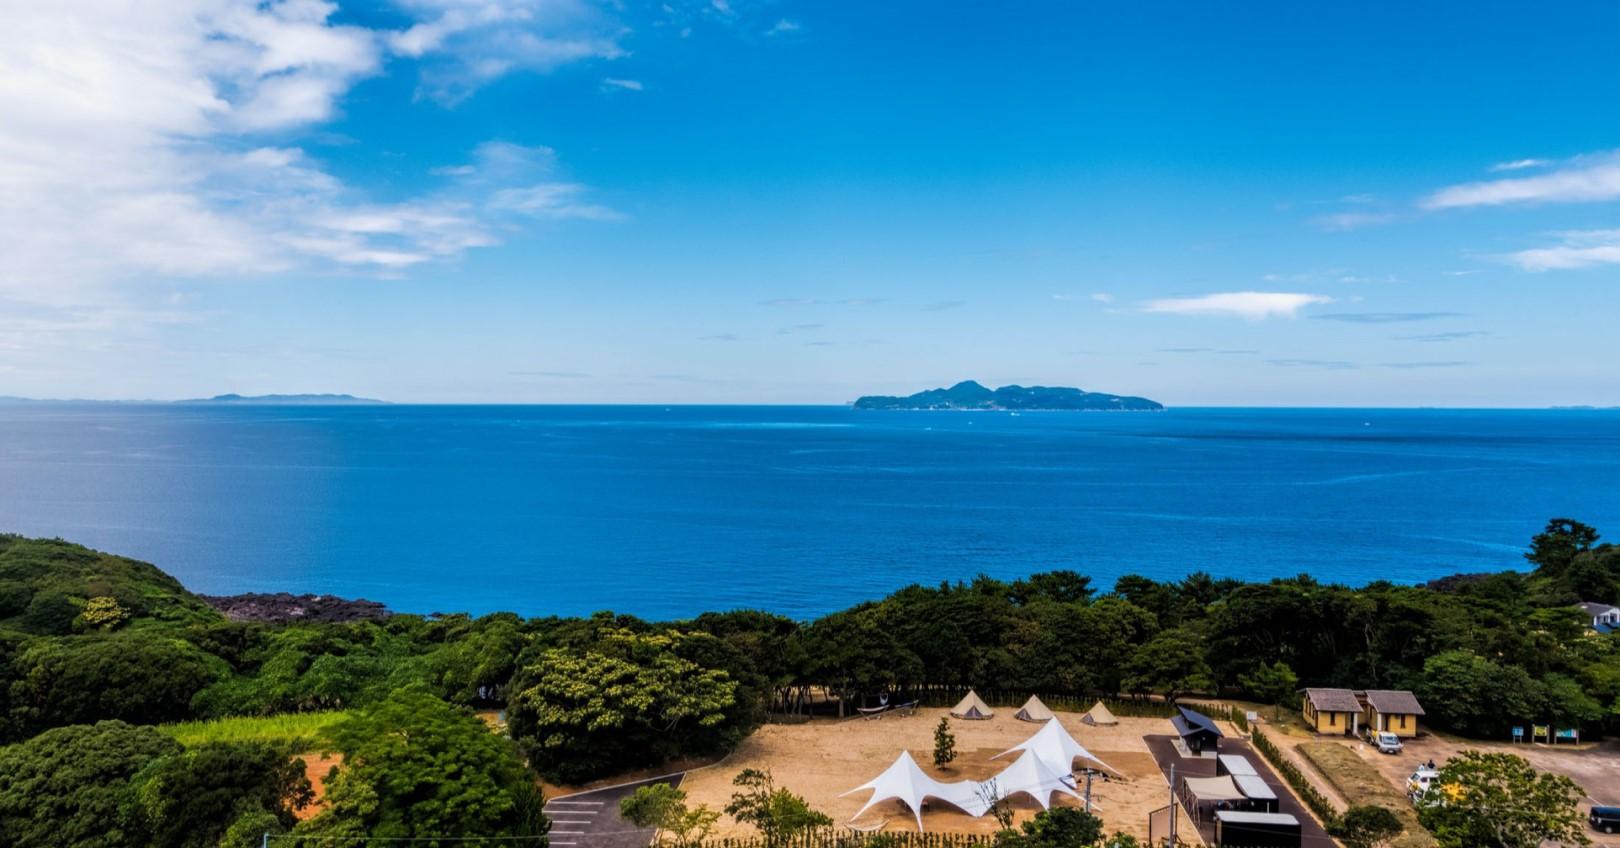 現在は波戸岬キャンプ場のプロデュース及び運営全般を担っている。